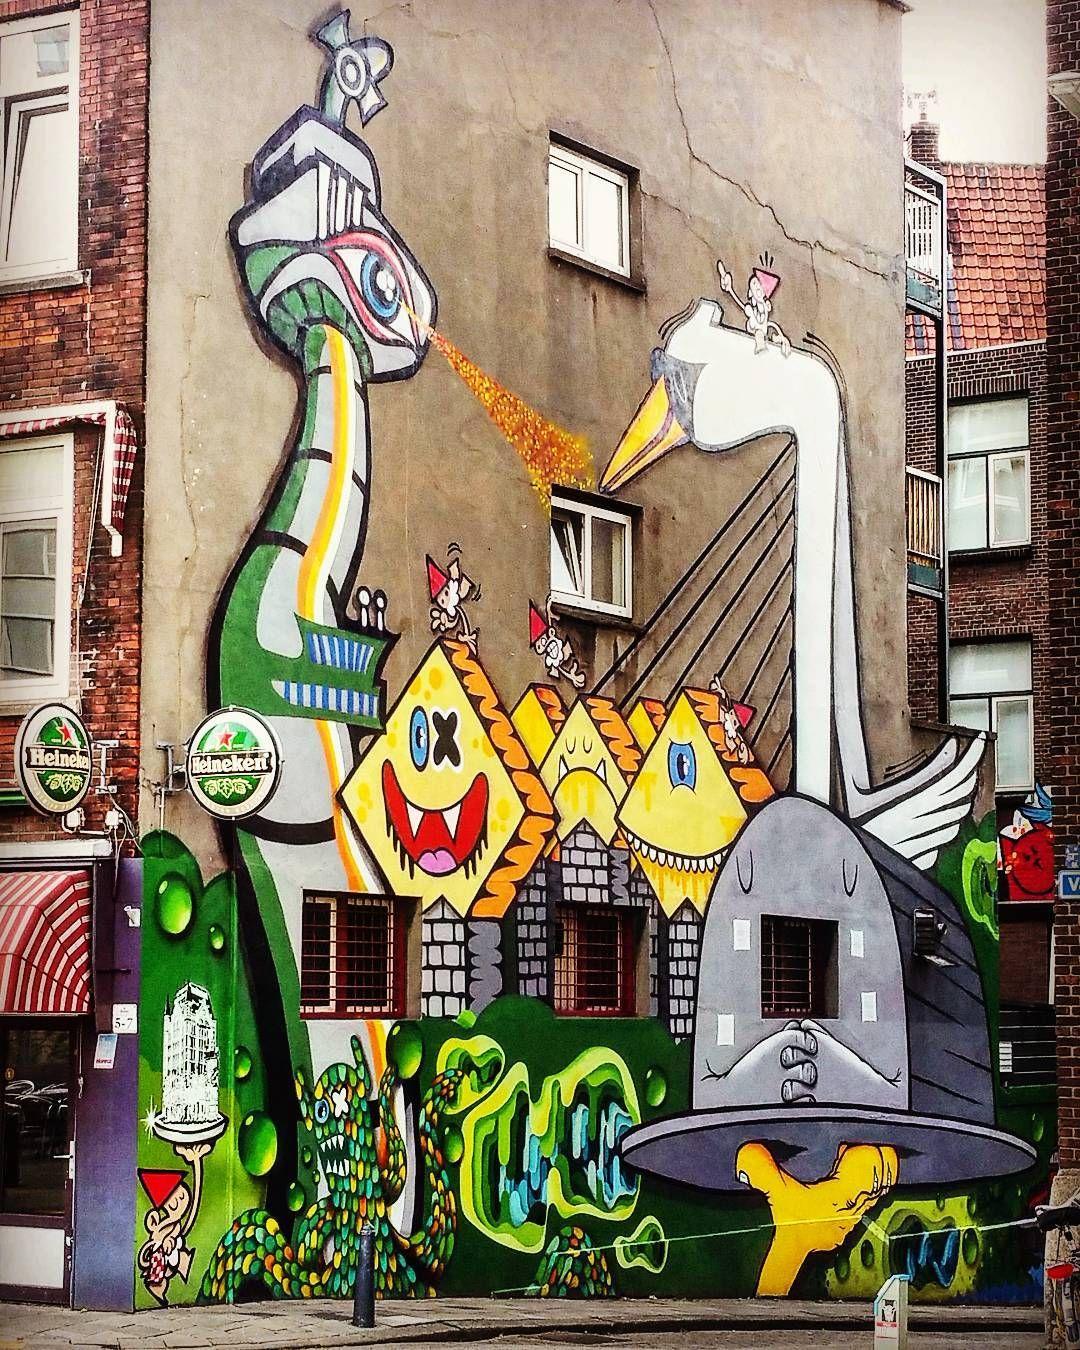 Rotterdam cafe graffiti street streetart day133 366project 2016 by mvdbphoto